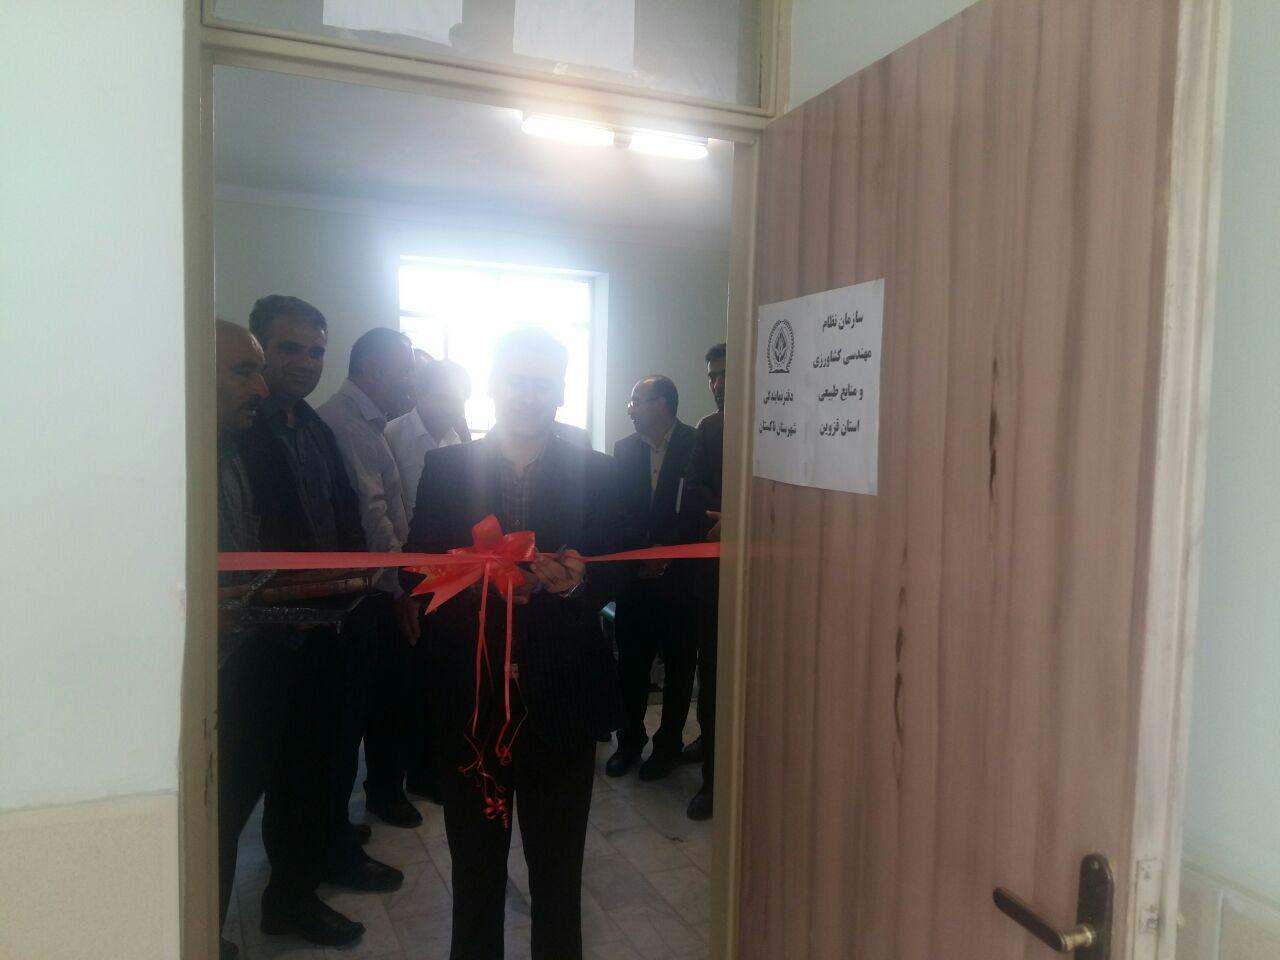 افتتاح دفتر نمایندگی سازمان نظام مهندسی کشاورزی و منابع طبیعیی در شهرستان تاکستان